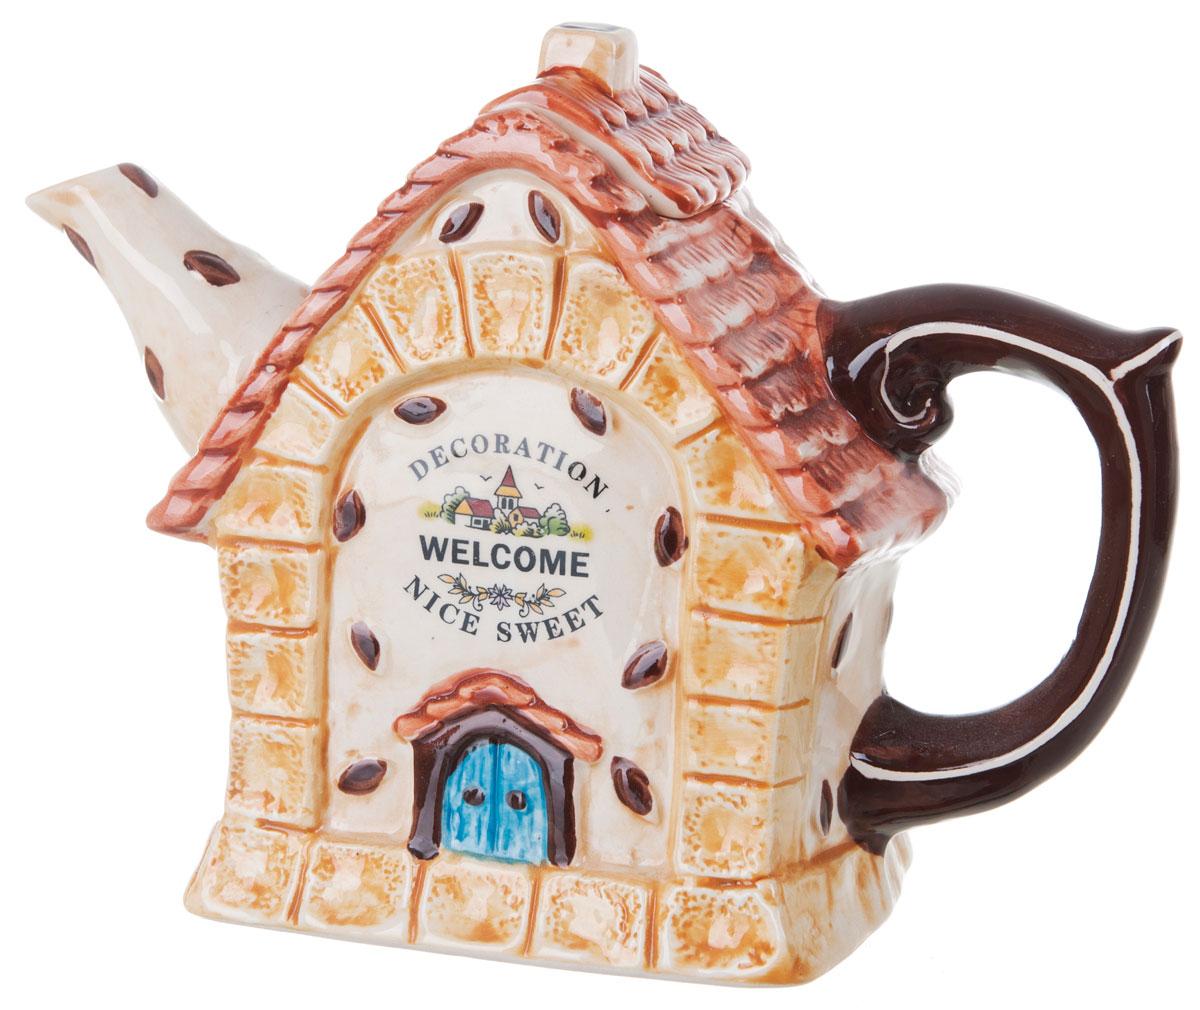 Чайник заварочный ENS Group Дом, милый дом, 900 млVT-1520(SR)Этот великолепный чайник, выполненный из керамики, станет настоящим украшением любого стола. Послужит отличным подарком.Можно мыть в посудомоечной машине.